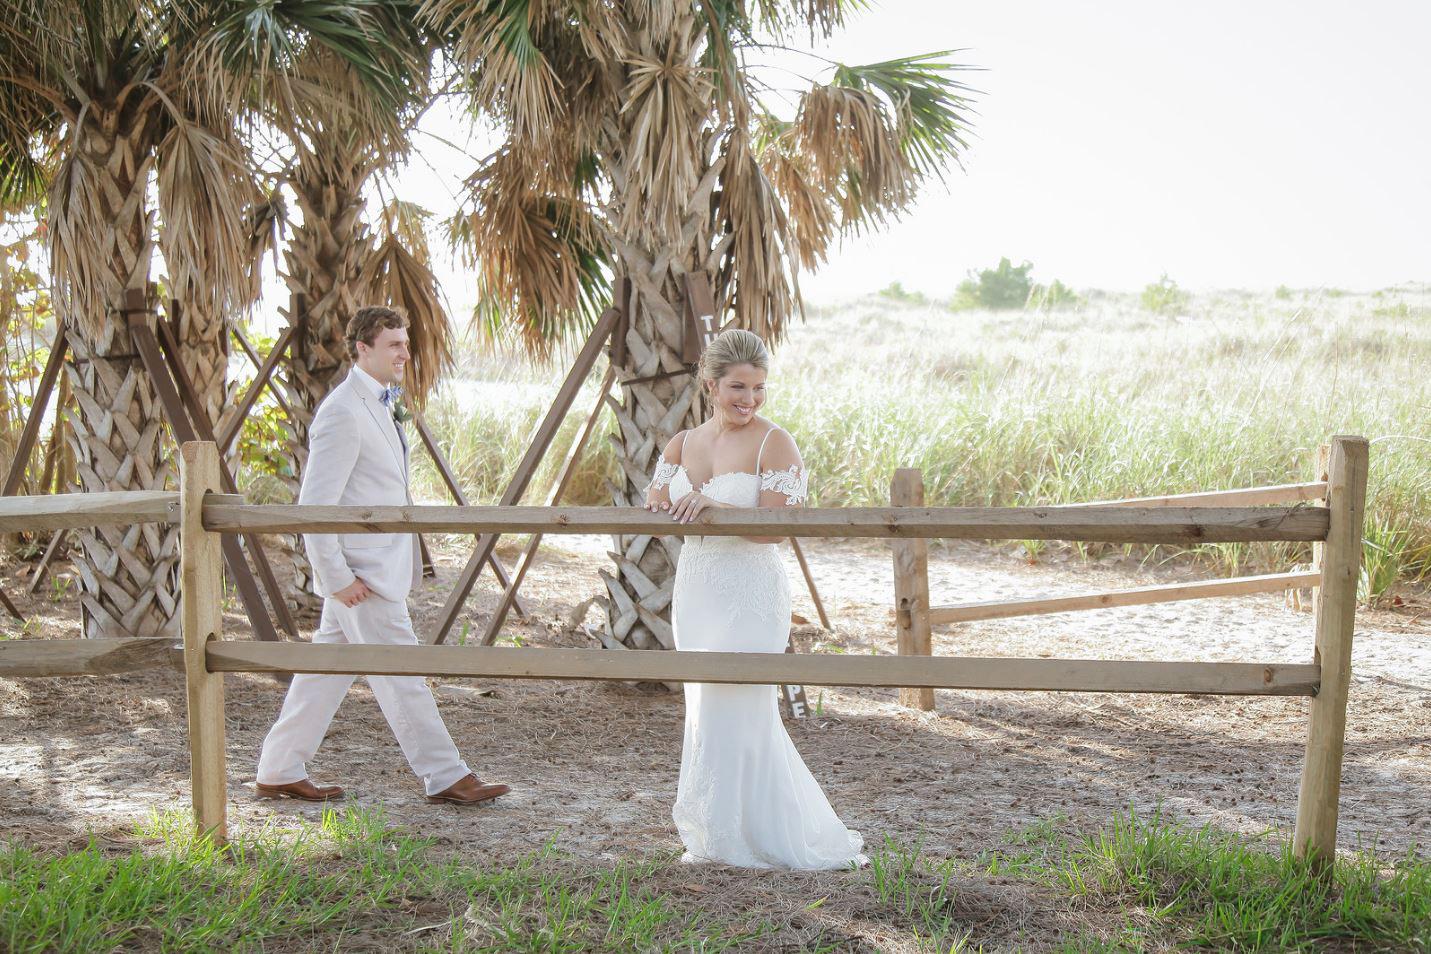 Jaime_wedding_photographer_012.5.JPG